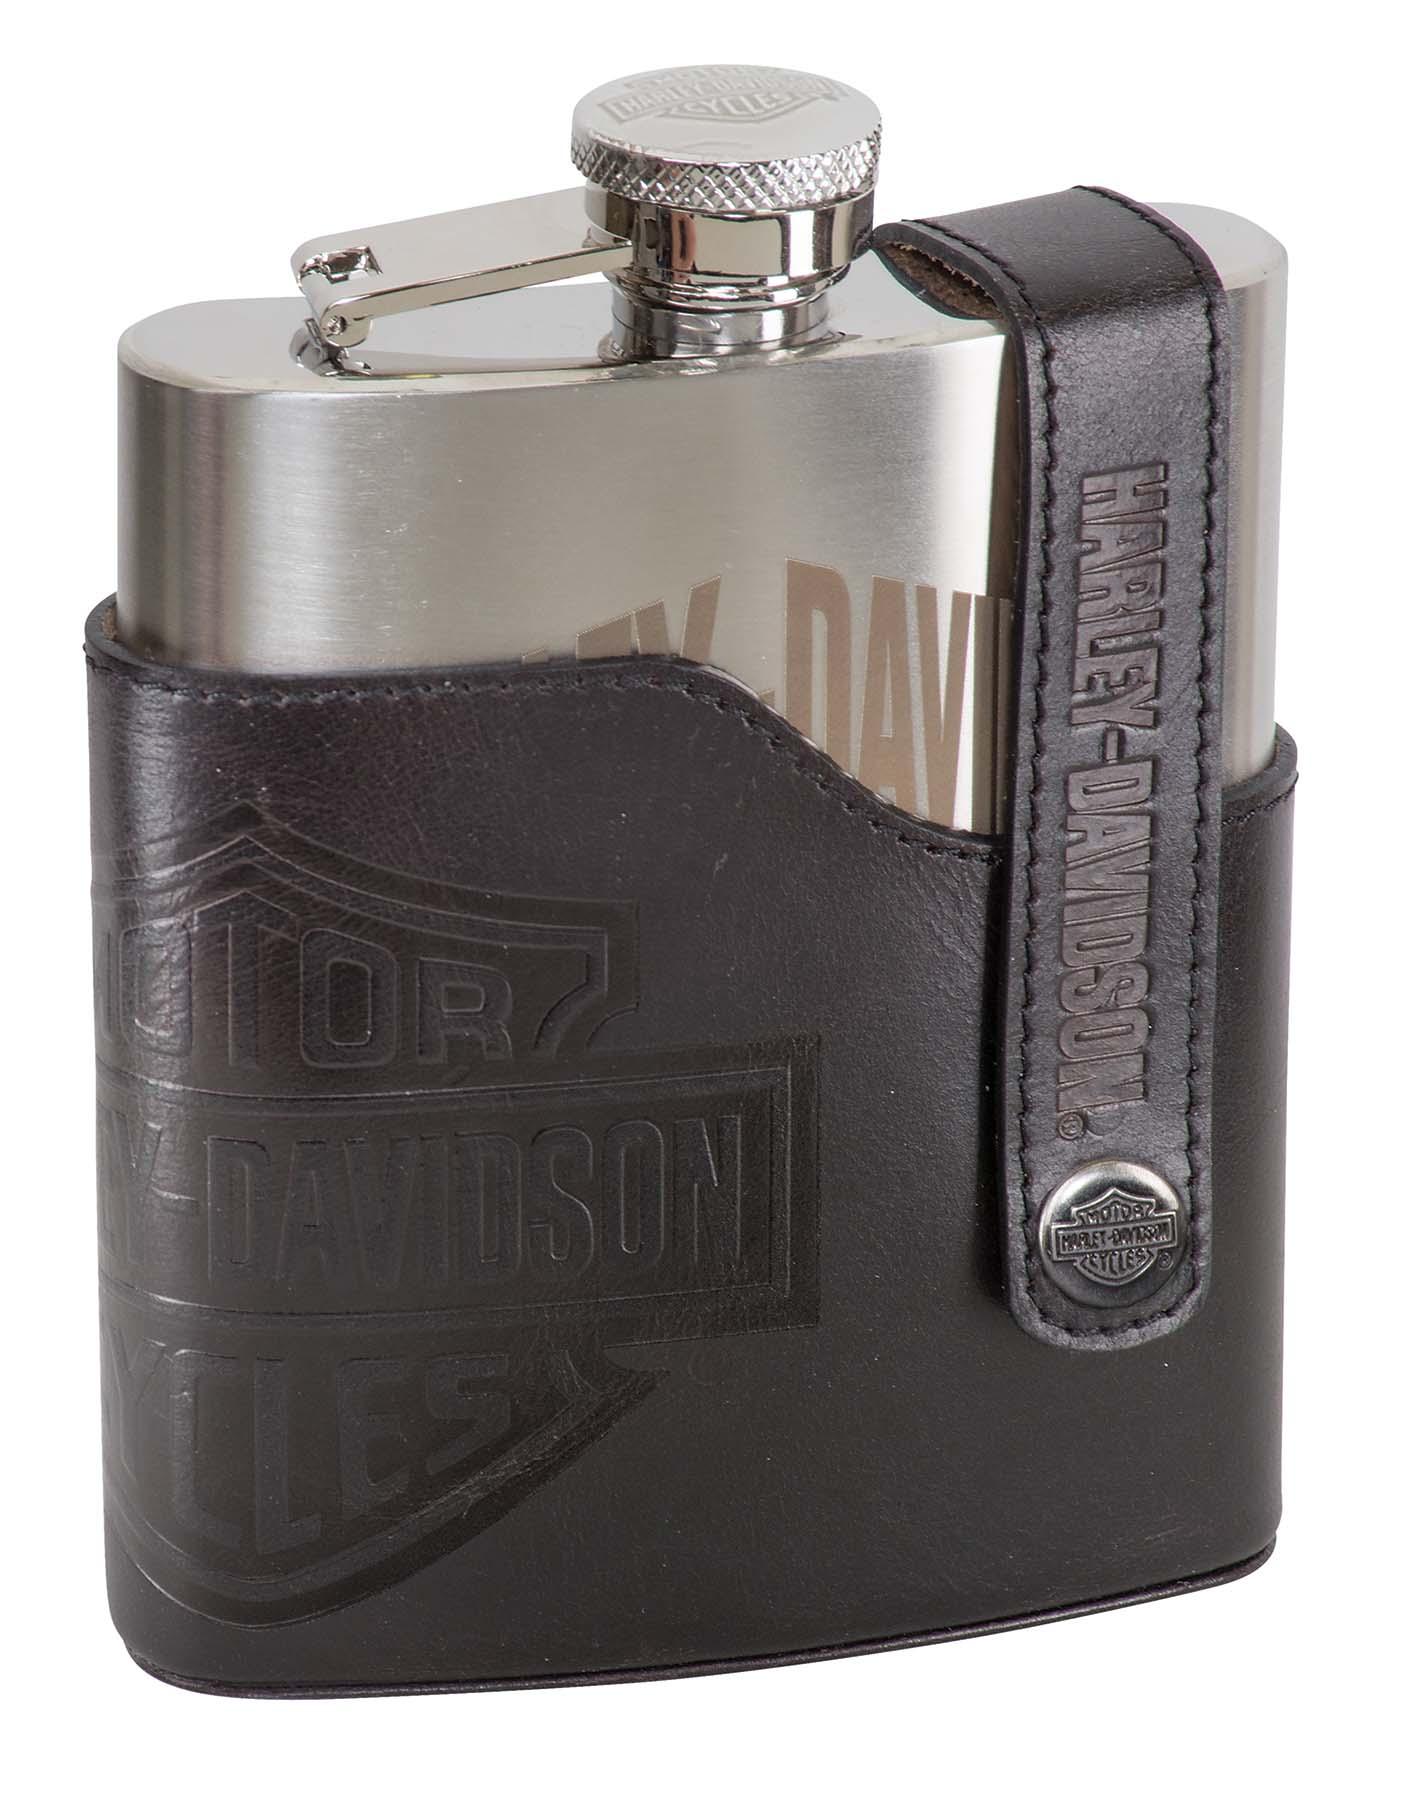 Harley-Davidson B&S Flask HDL-18572